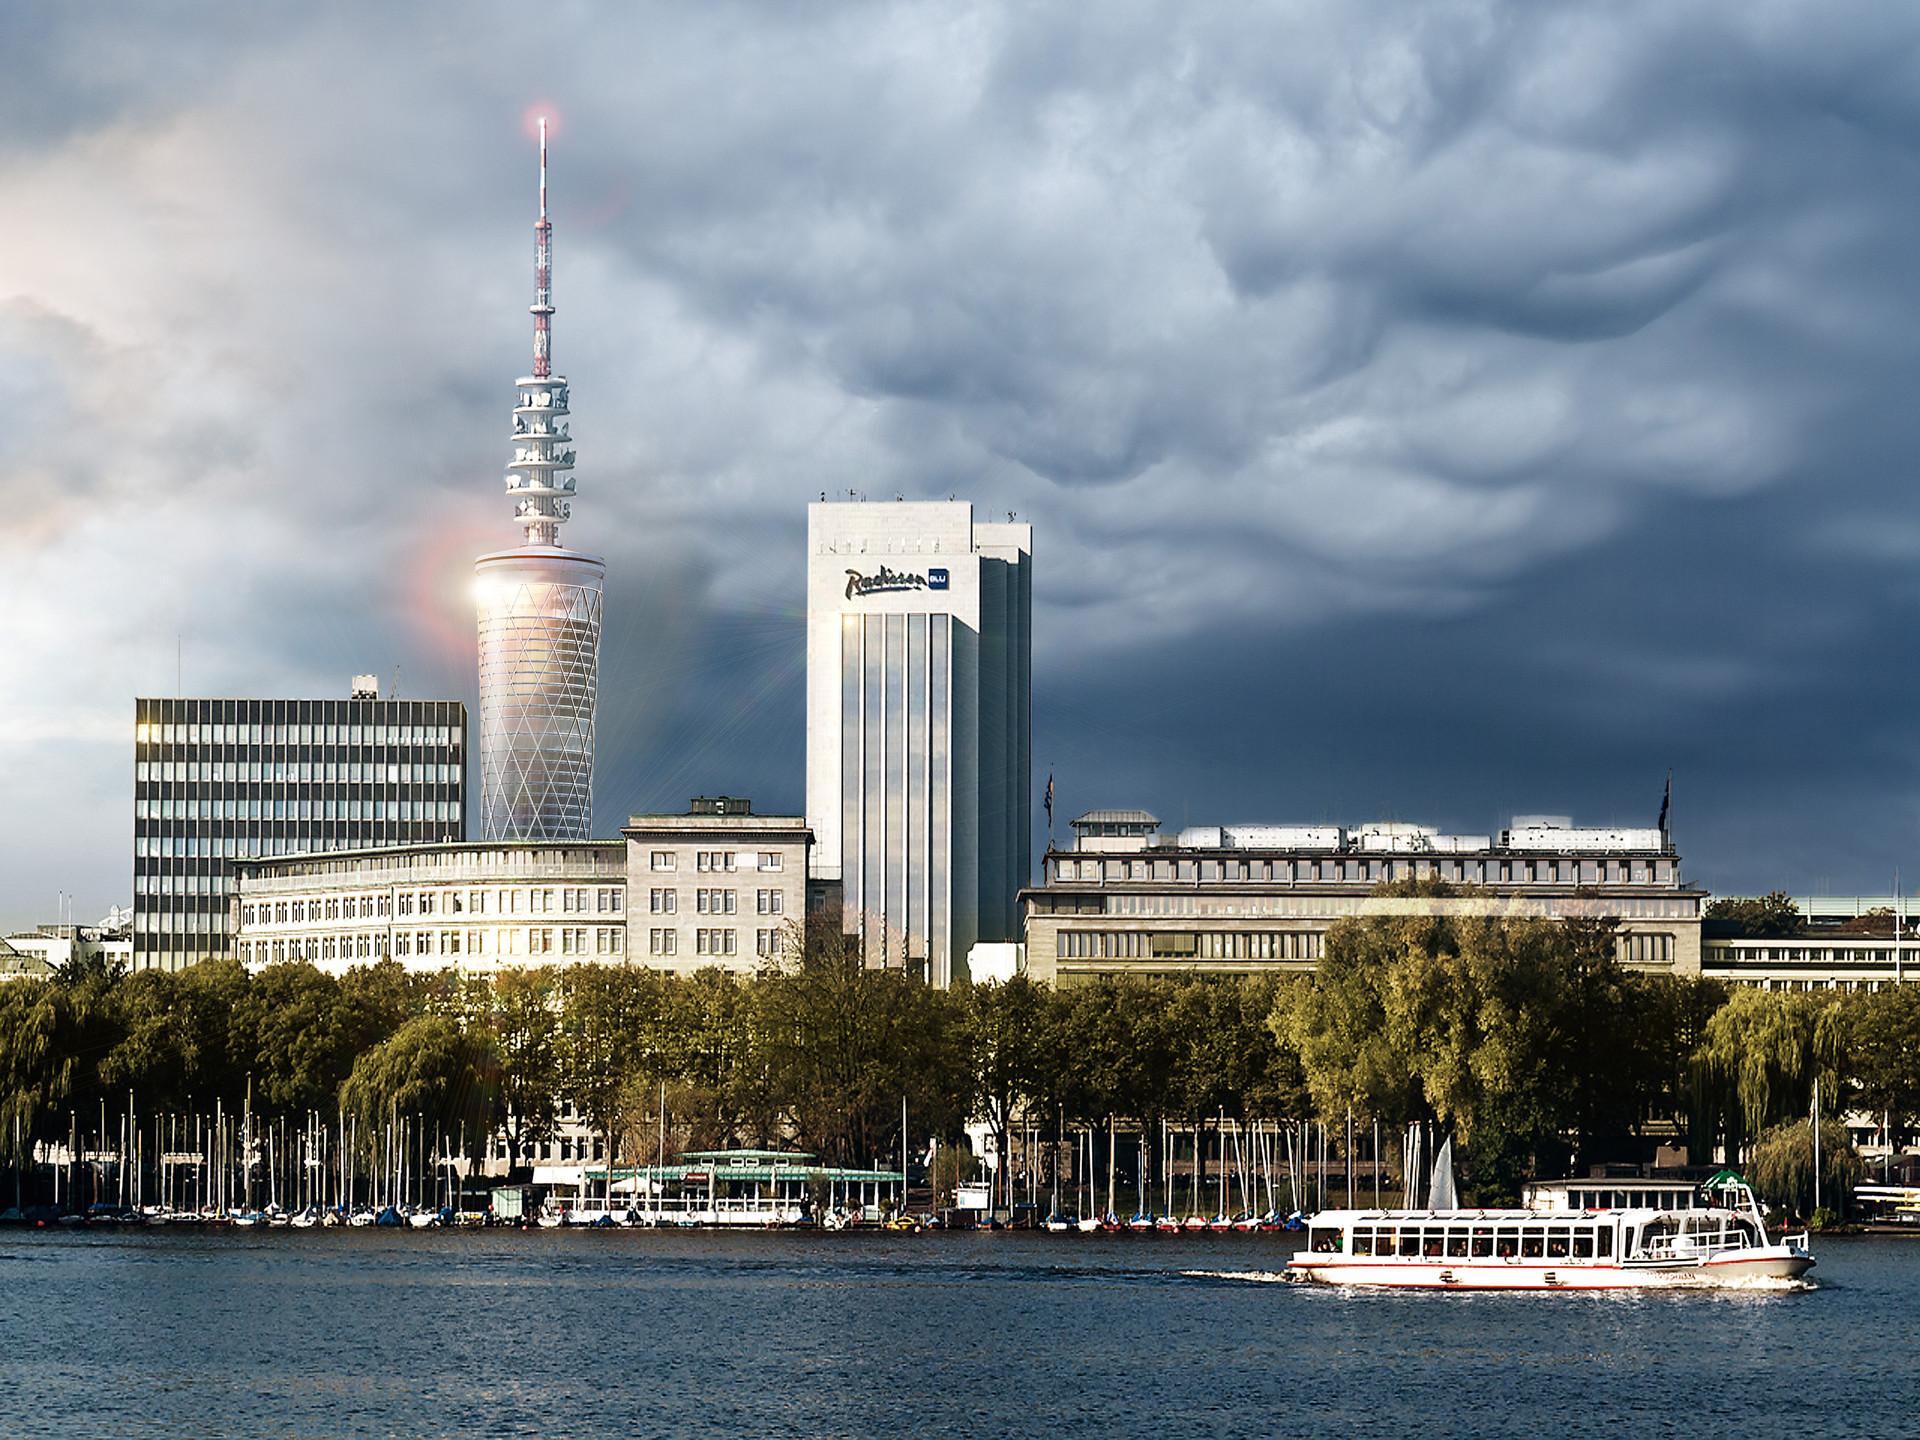 Heinrich Hertz Turm | Ben Dieckmann architects